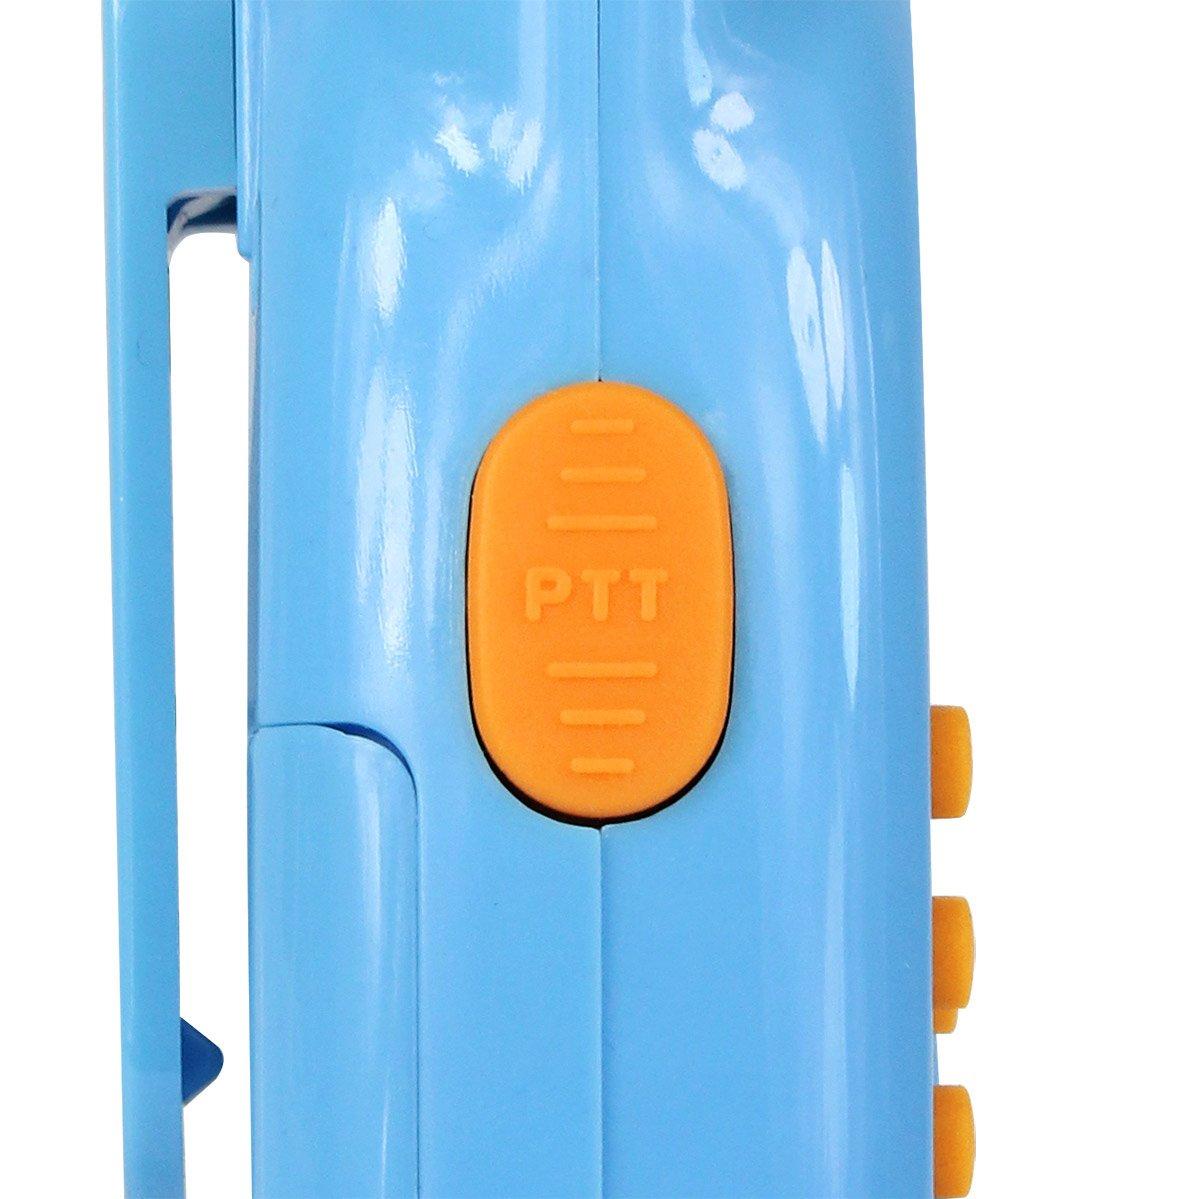 Retevis RT-35 Kids Walkie Talkies 22 Channels VOX Rechargeable walkie Talkie with Digital Clock Alarm (Bule, 1 Pair) by Retevis (Image #9)